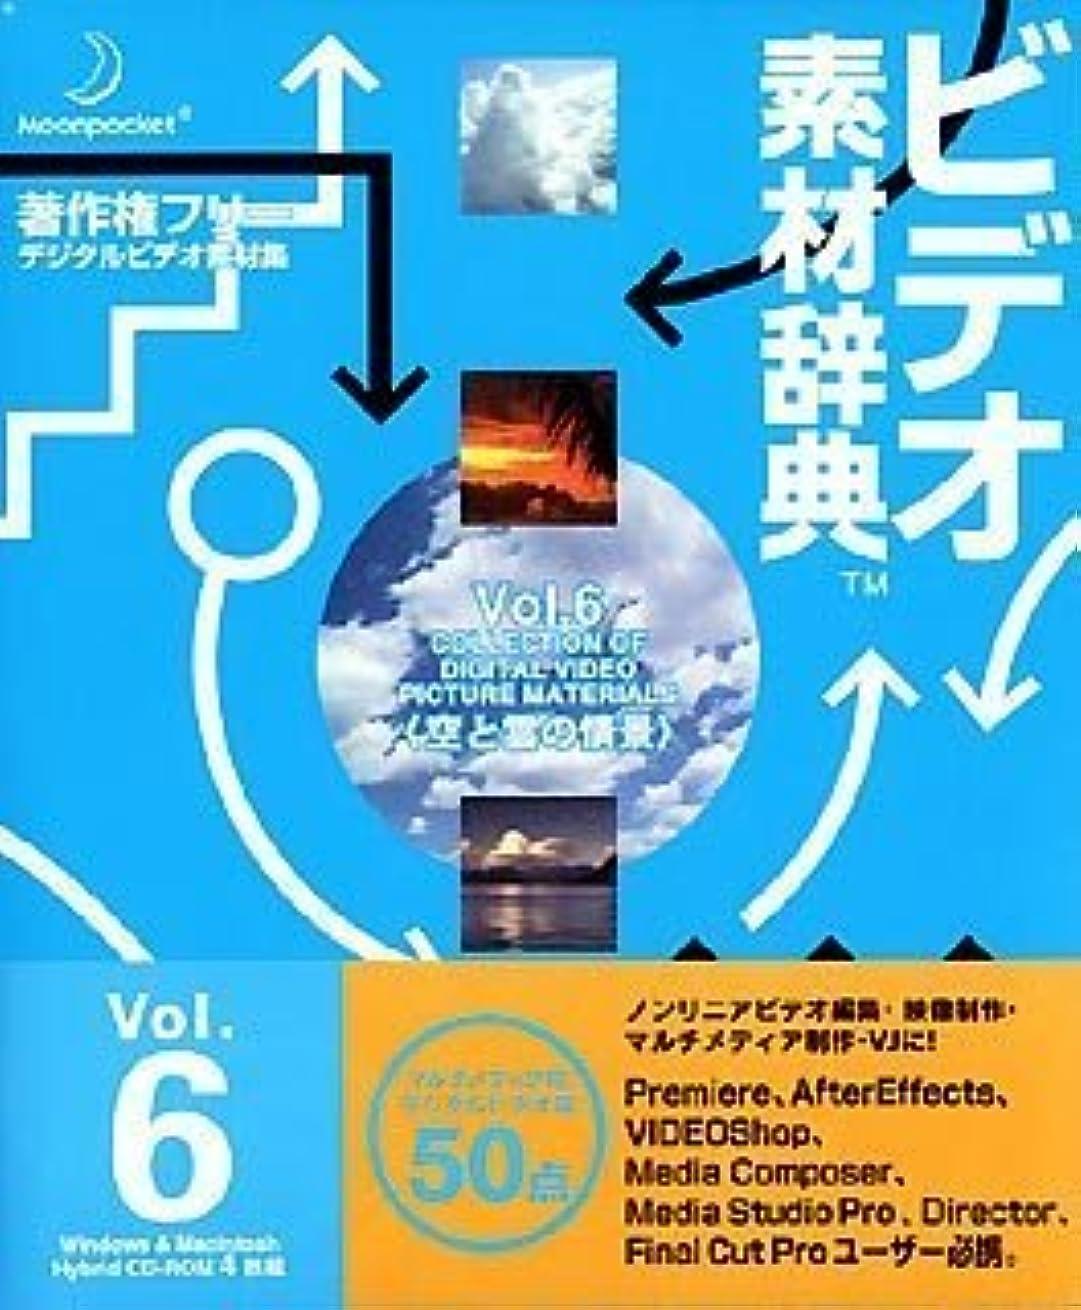 アイザックバタフライ姪ビデオ素材辞典 Vol.6 空と雲の情景